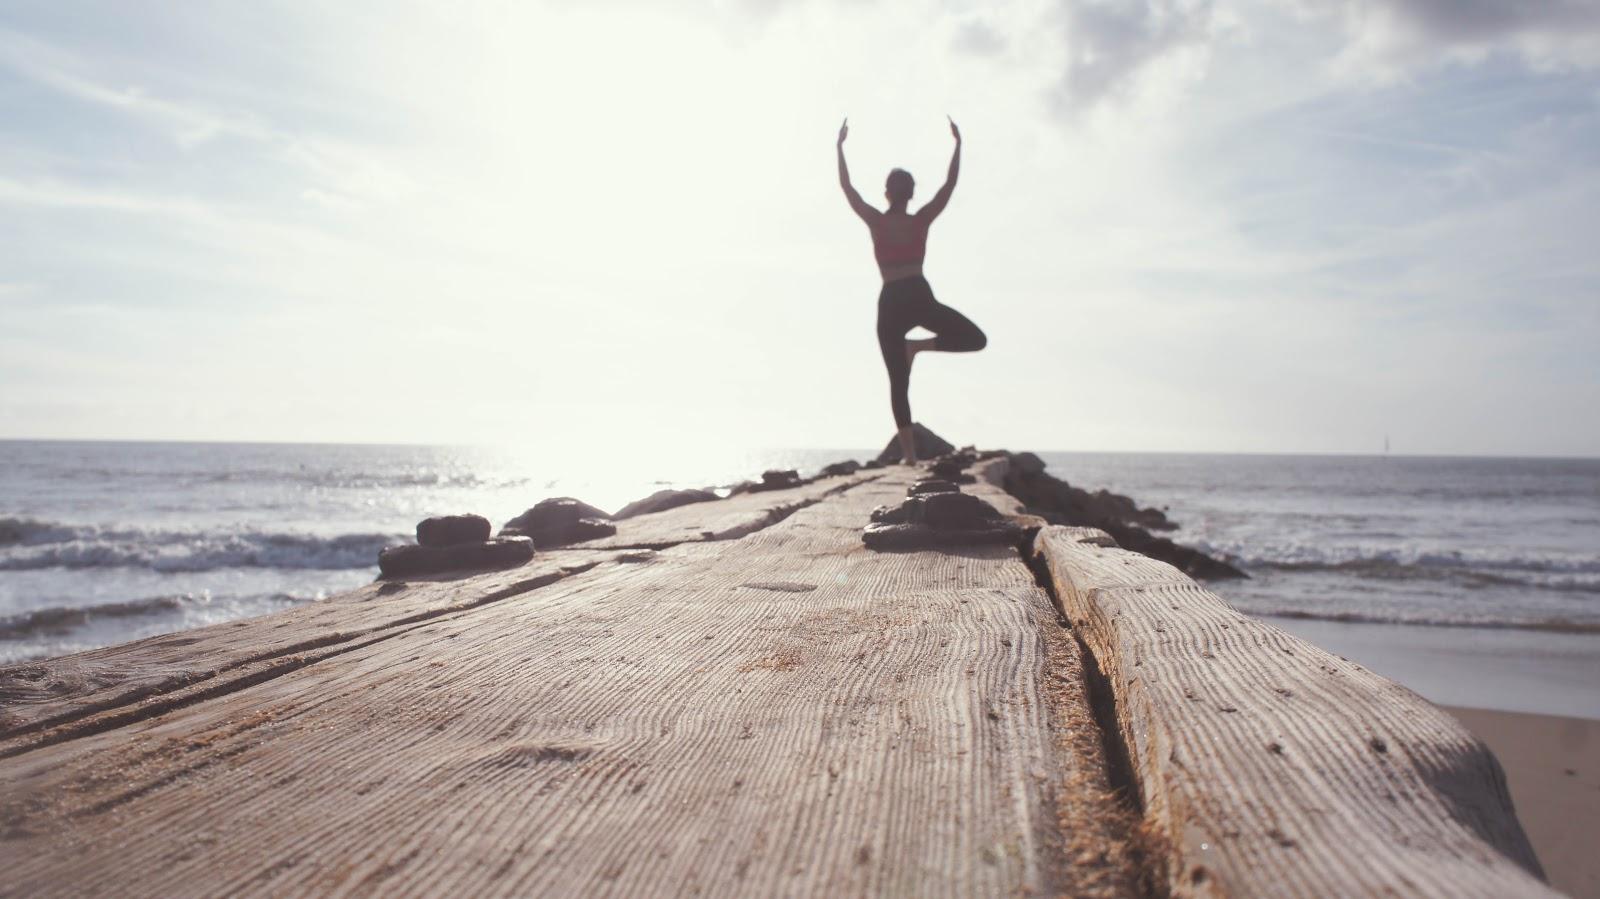 Ontspannen en ontstressen op vakantie - yoga